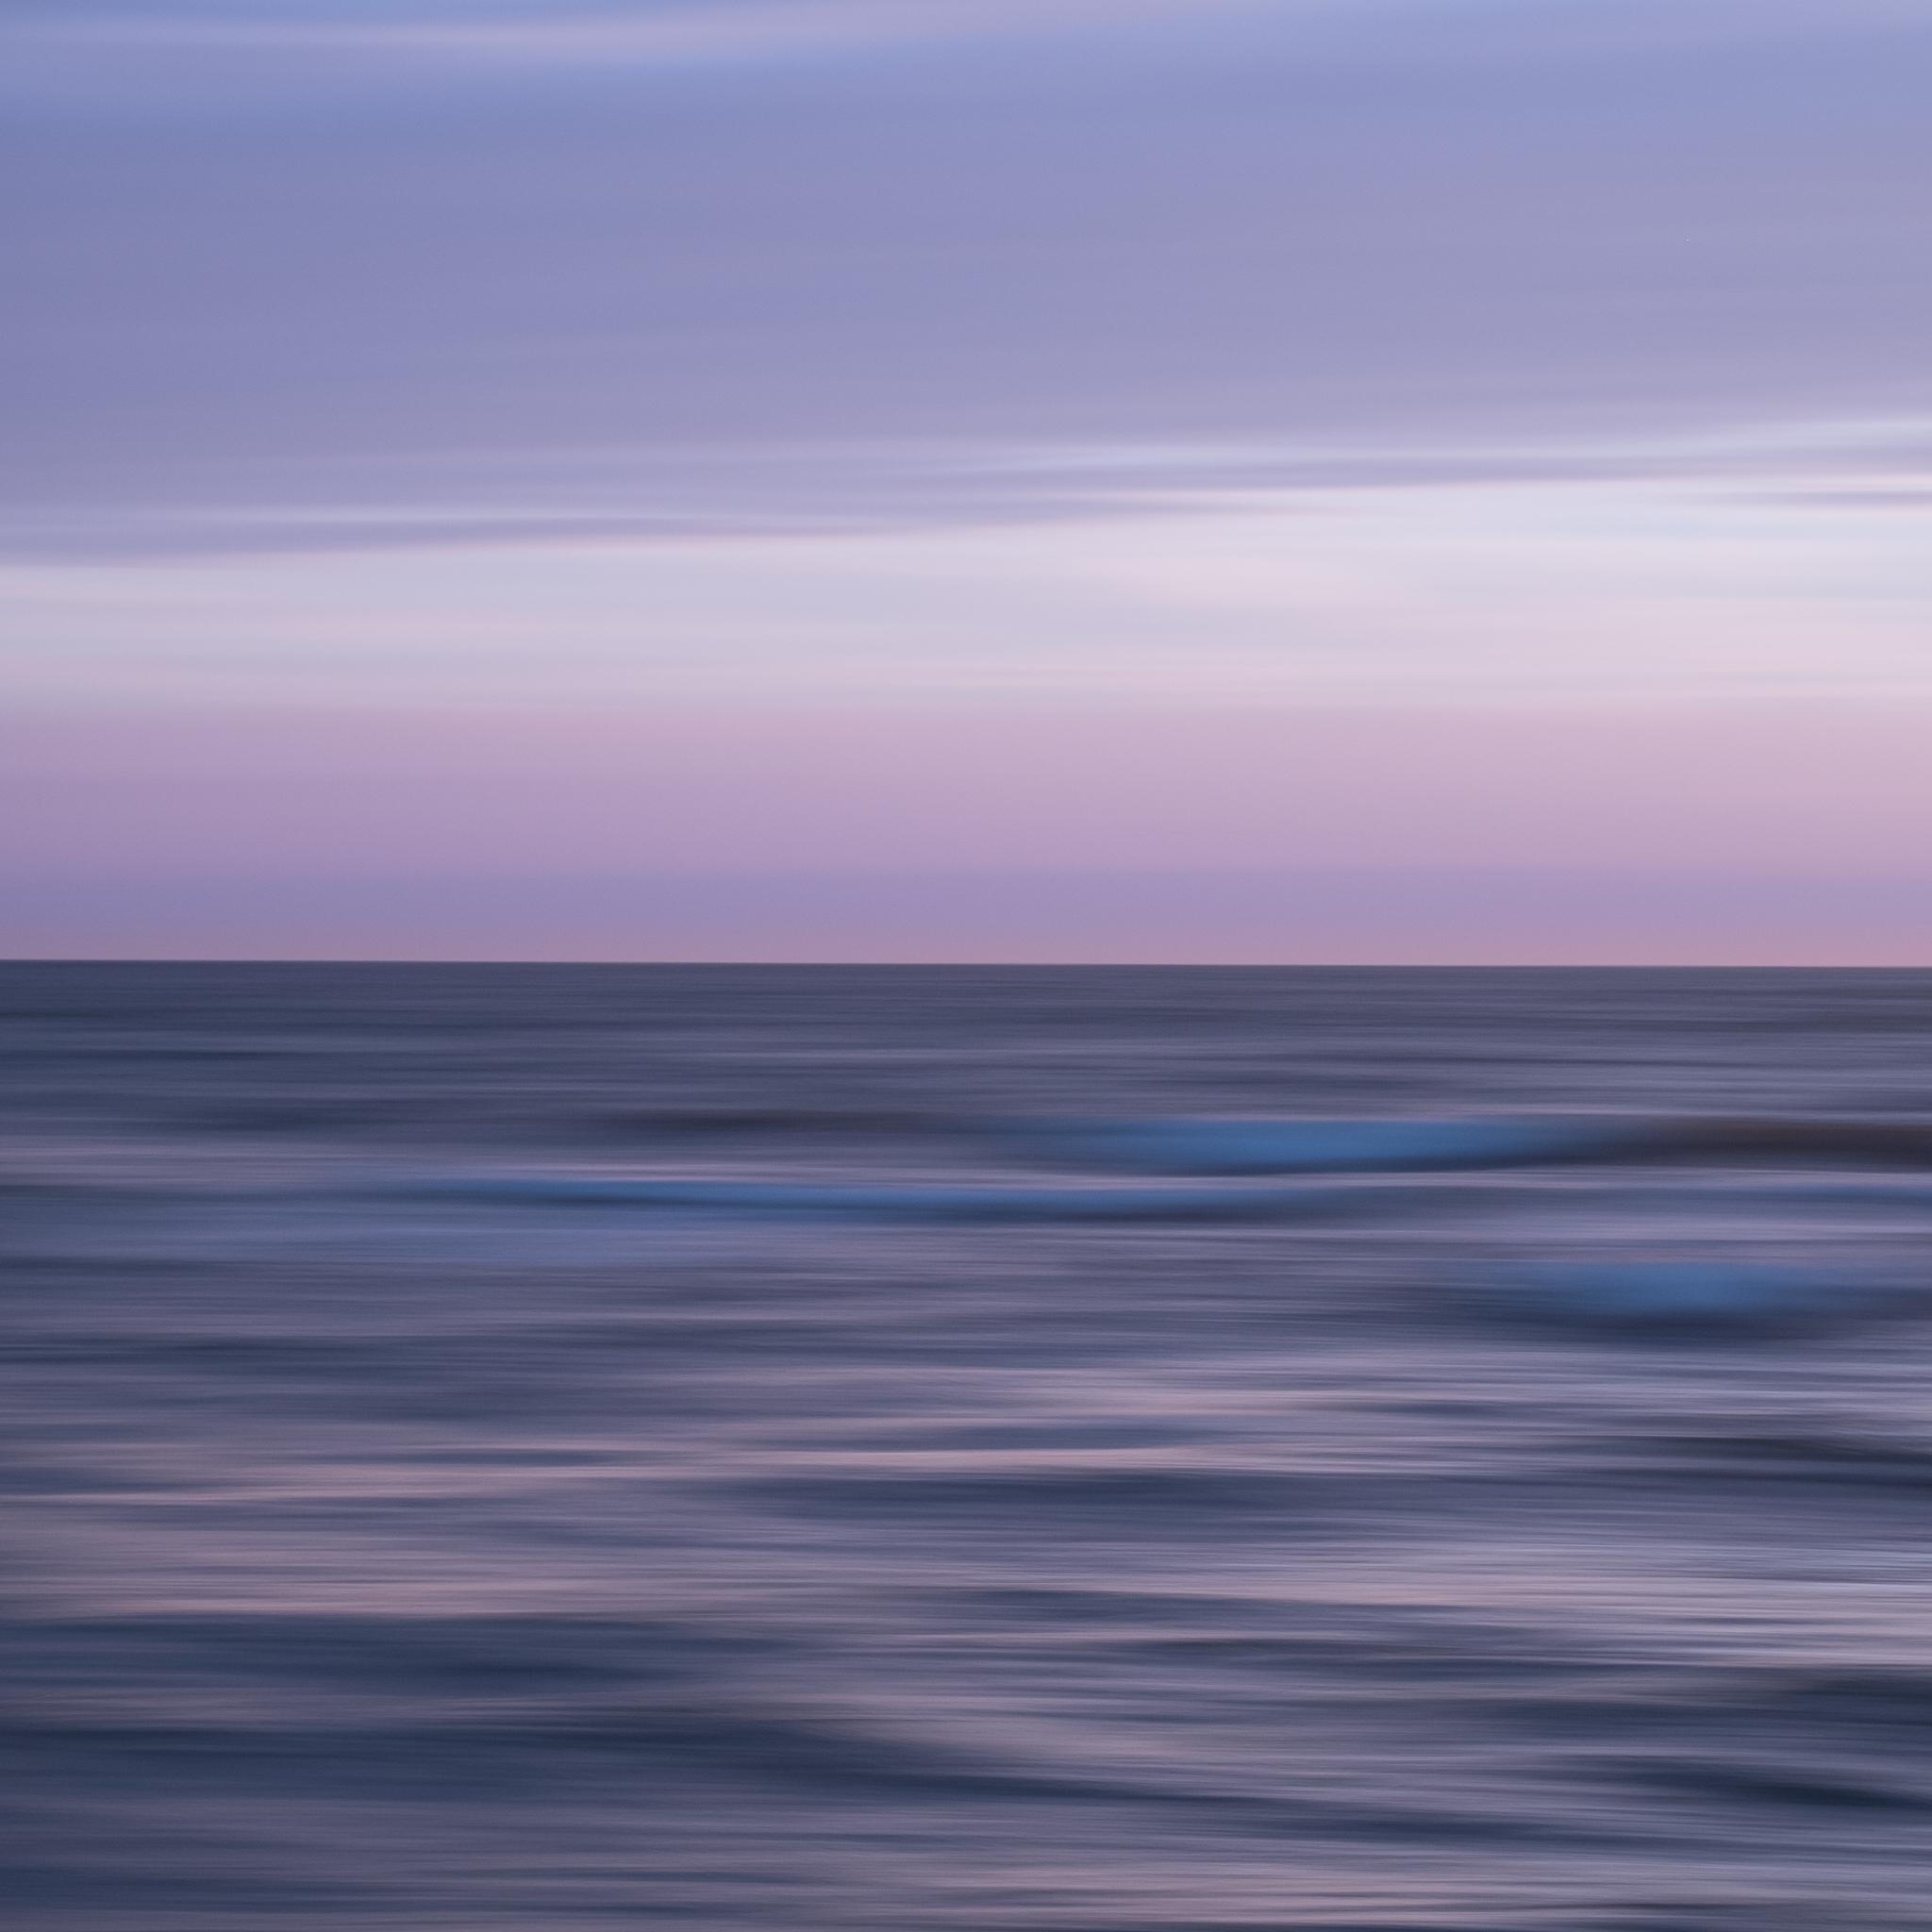 North Sea, Schoorl IX, 2017